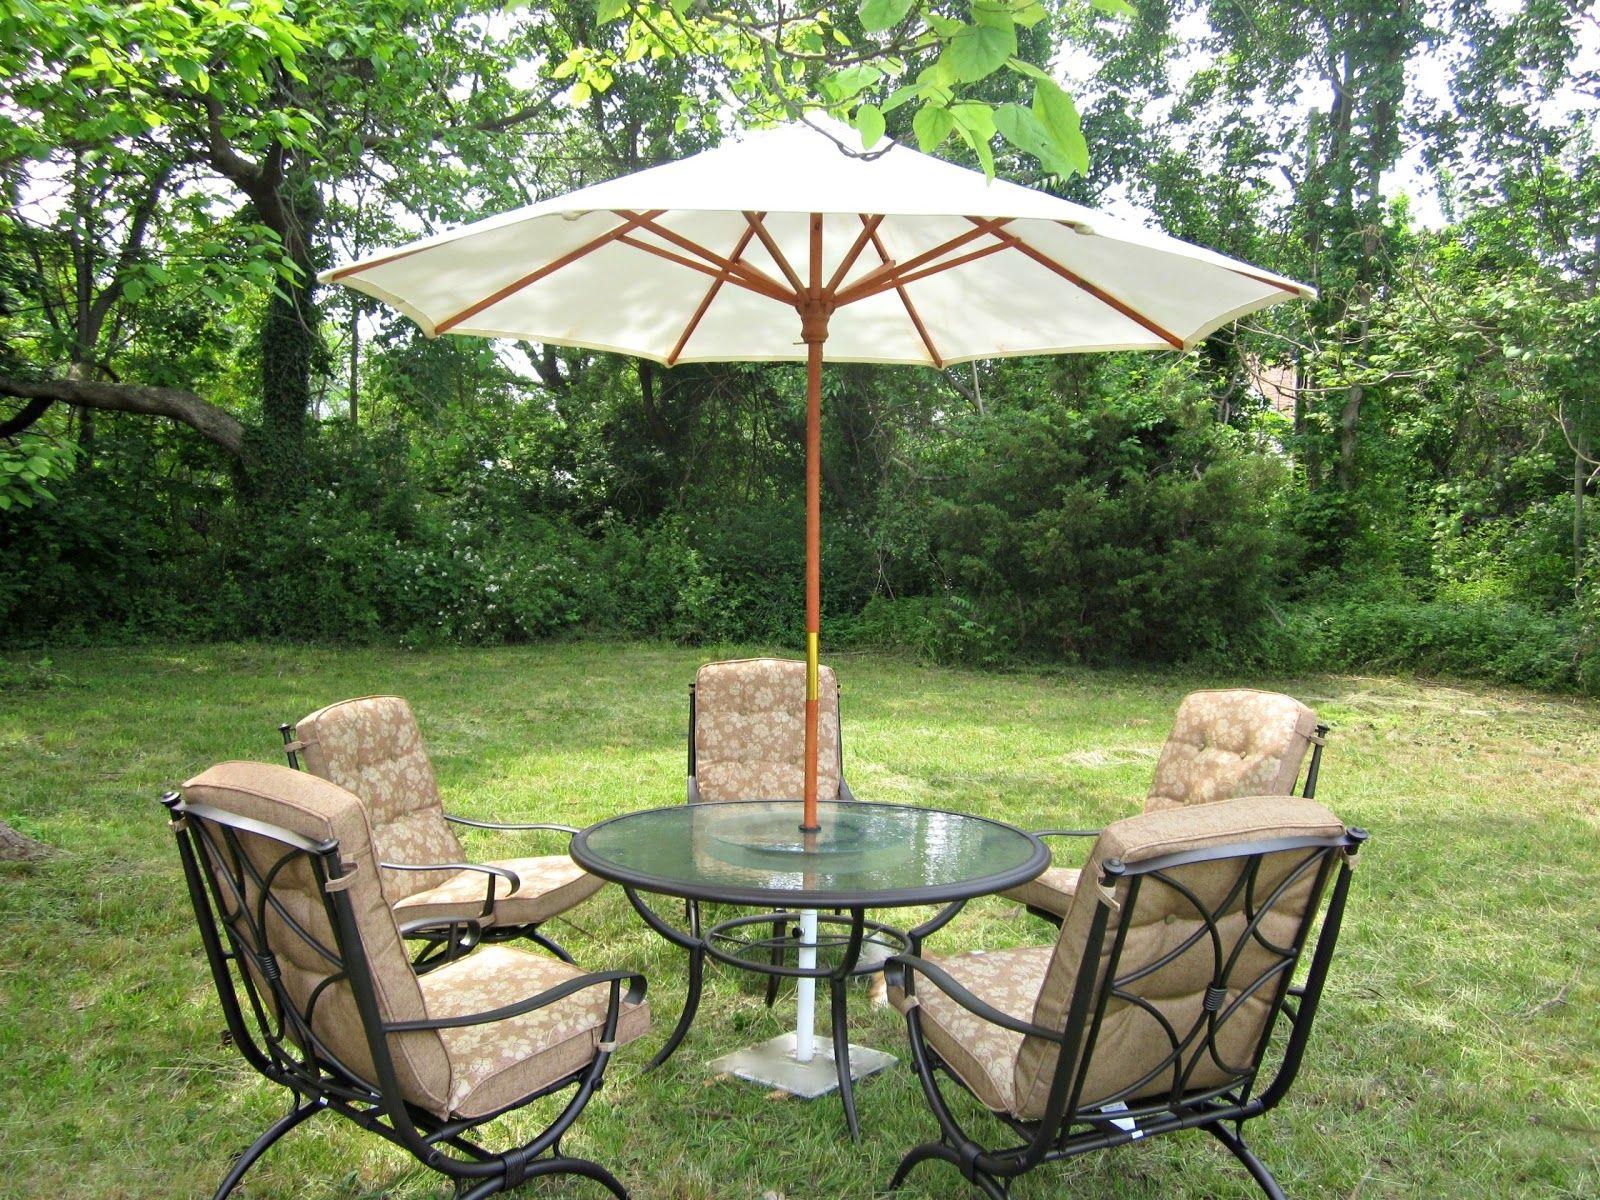 Patio Furniture With Umbrella